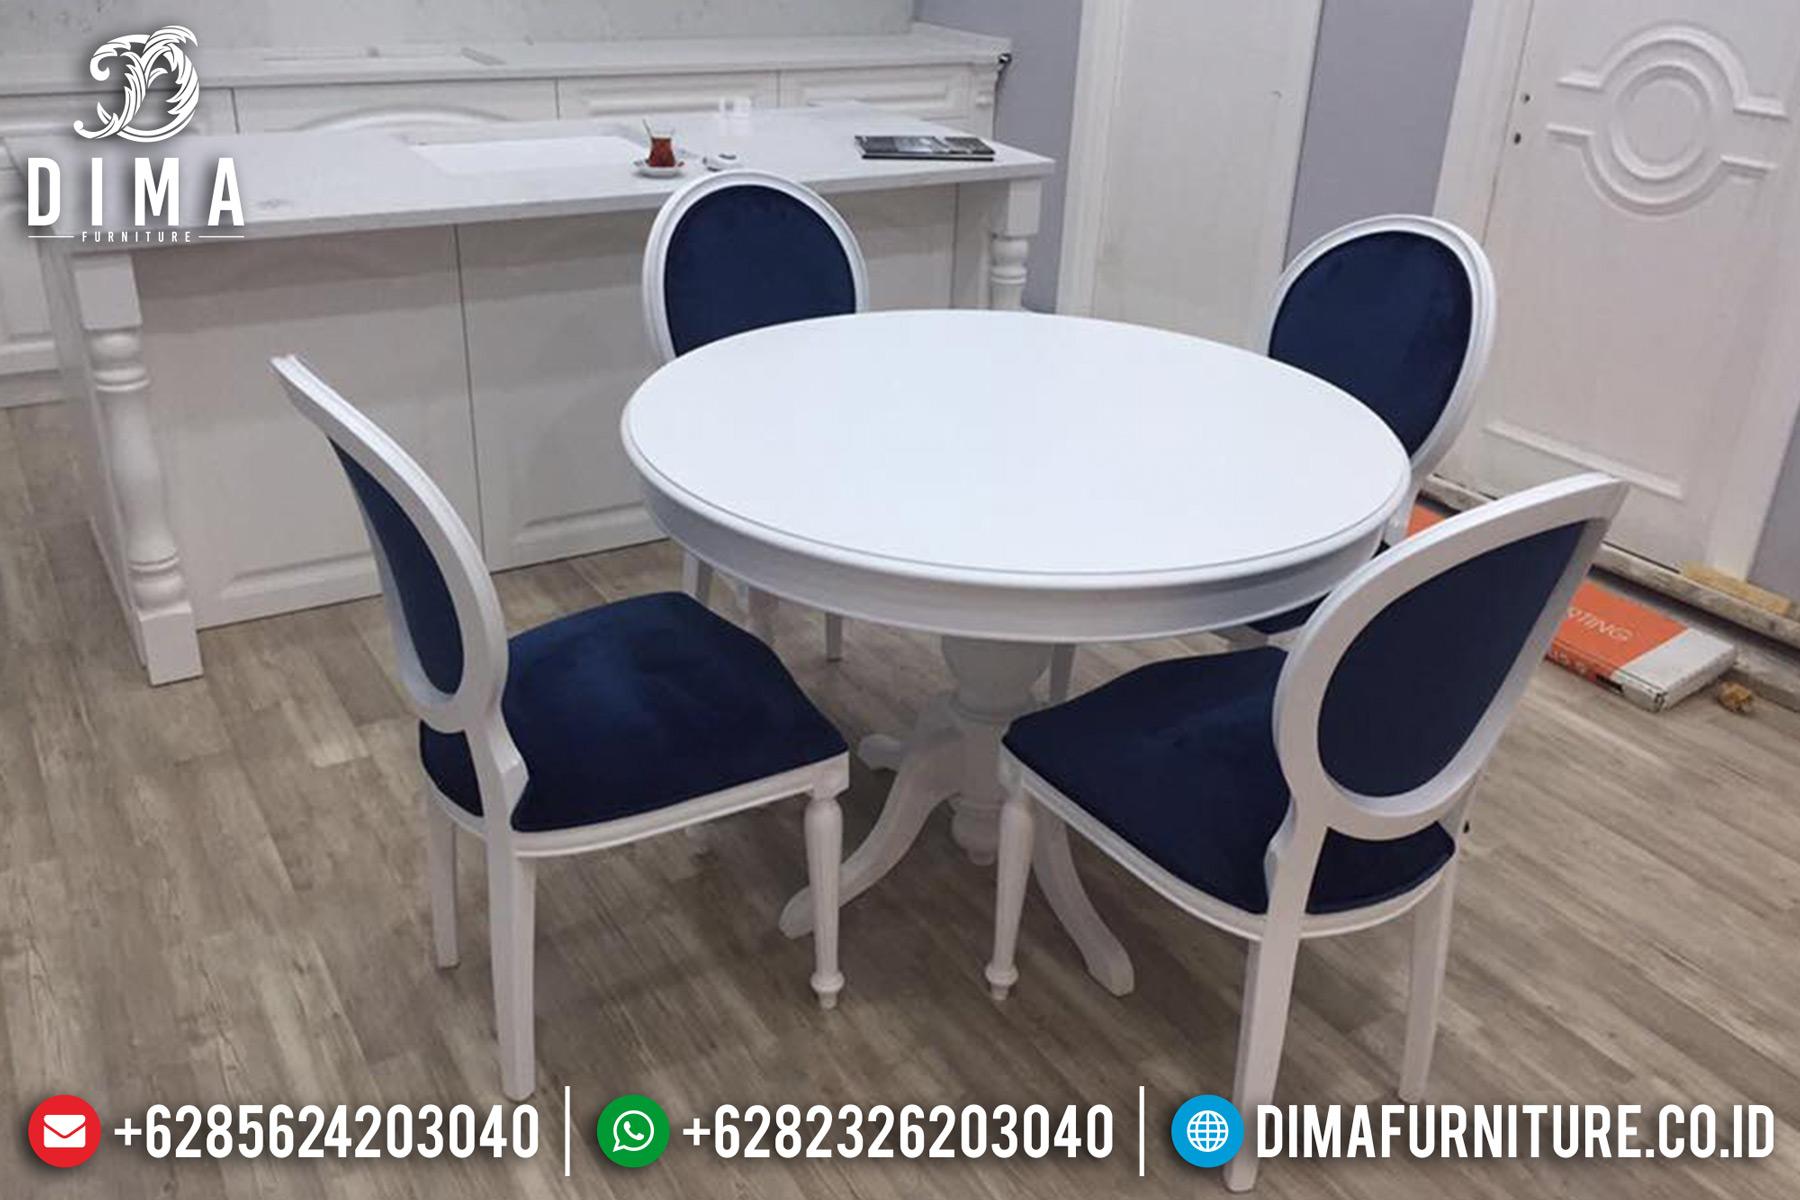 Jual Meja Makan Minimalis Bundar White Duco Color Furniture Jepara Berkualitas TTJ-0615